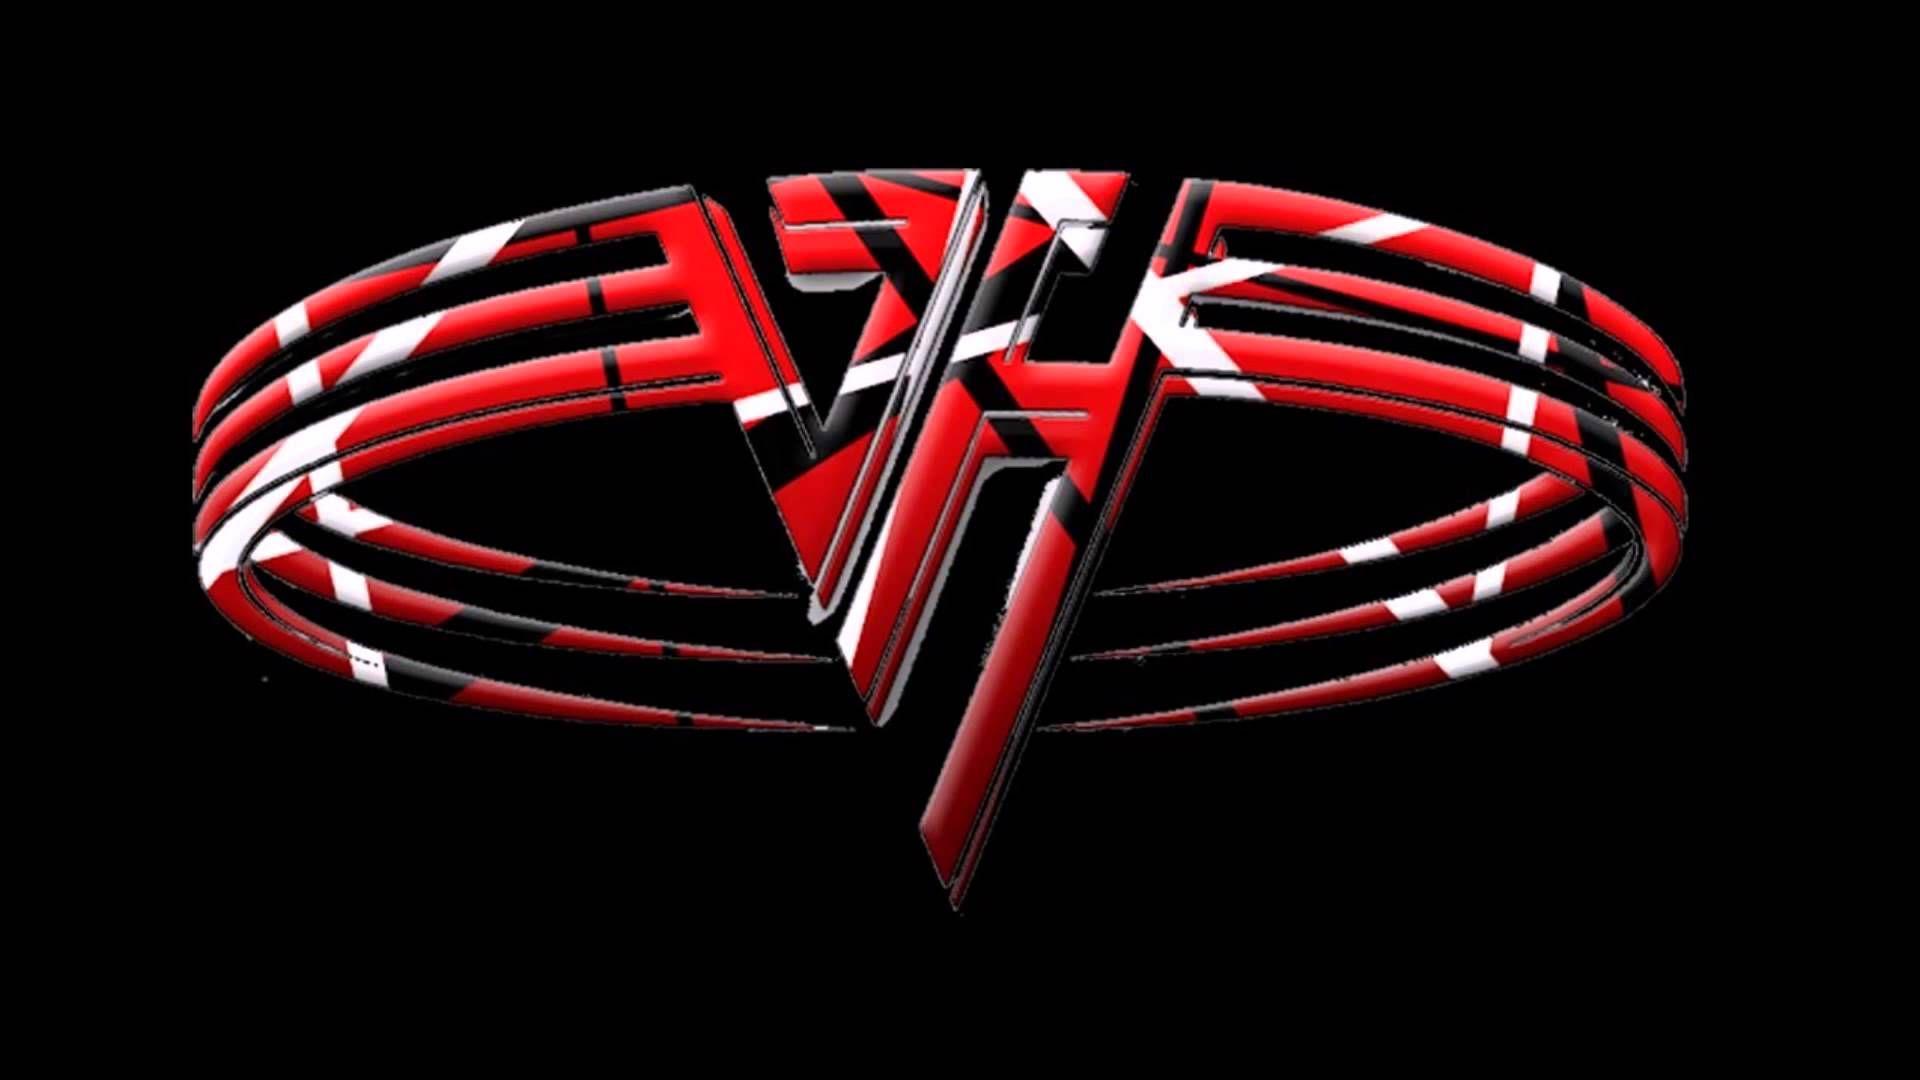 Image Result For Van Halen Logo Jump Van Halen Van Halen Logo Musical Band